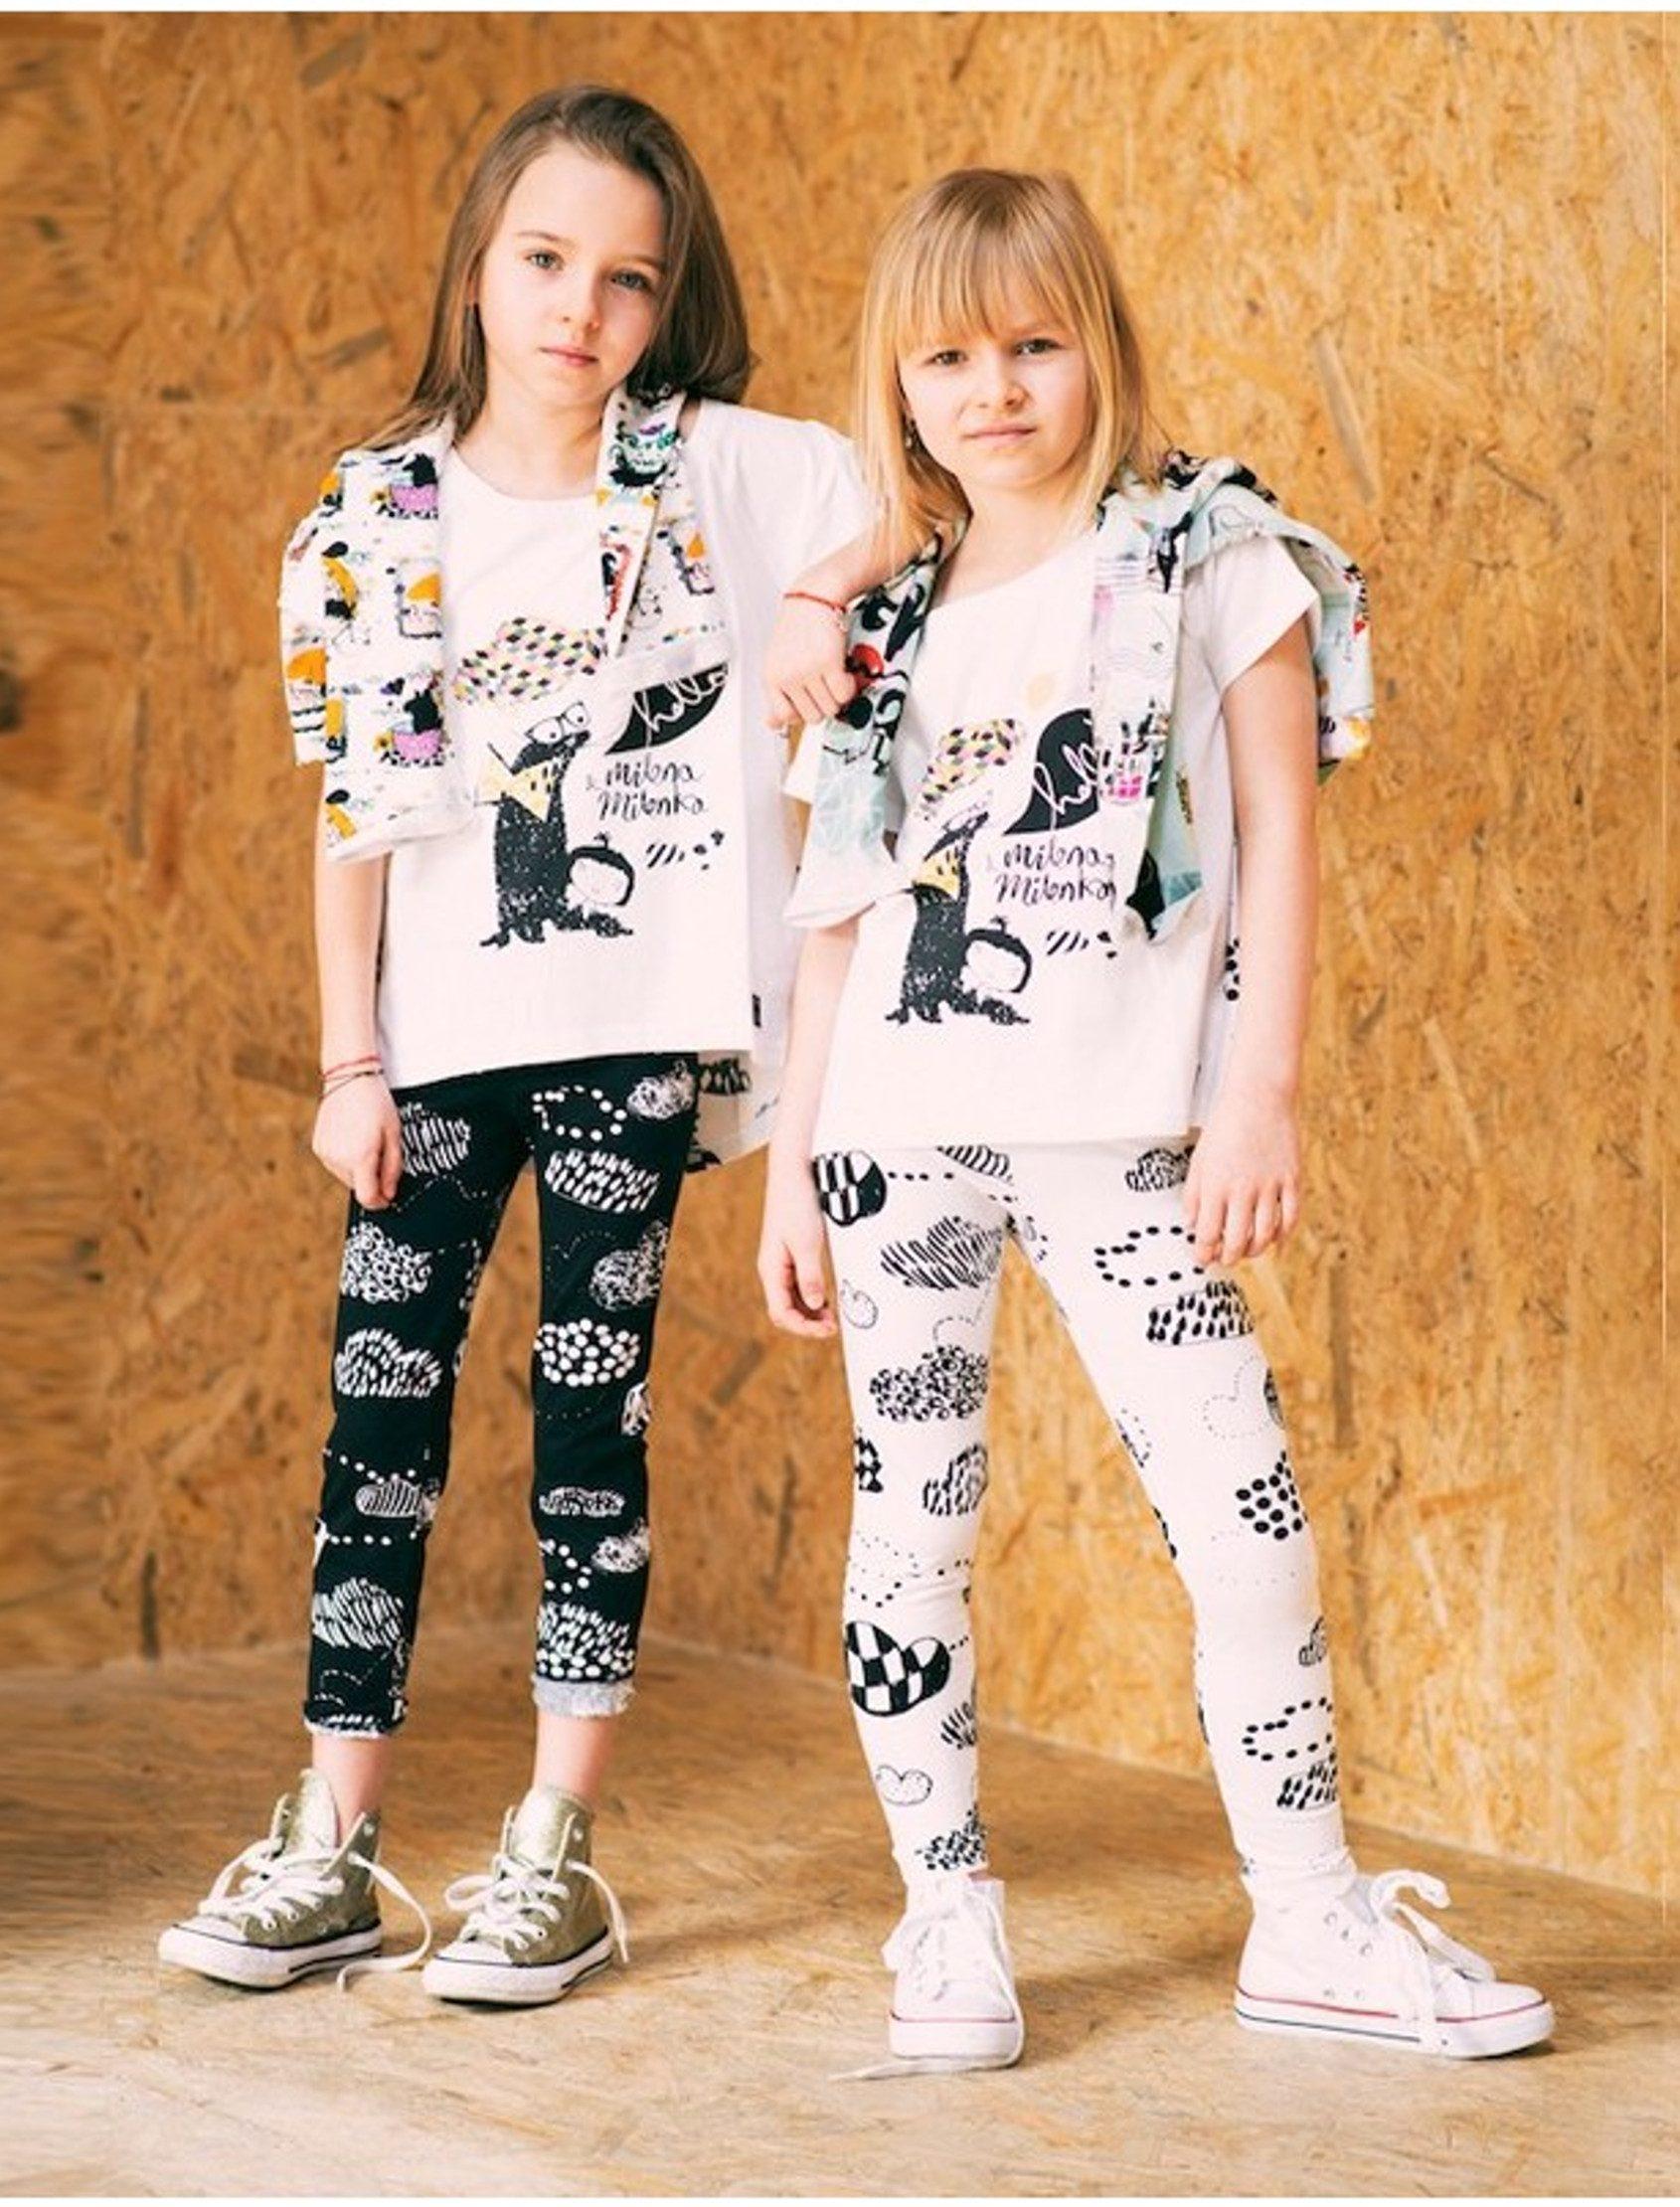 """Leggings blancos con estampado""""Nubes Mágicas"""", diseño exclusivo de MILENA&MILENKA, mediante técnica de estampación digital. Etiqueta cuero sintético con logo MILENA&MILENKA debajo de la cintura. Ideales para explorar en cualquier época del año y combinar con las sudaderas y camisetas MILENA&MILENKA."""